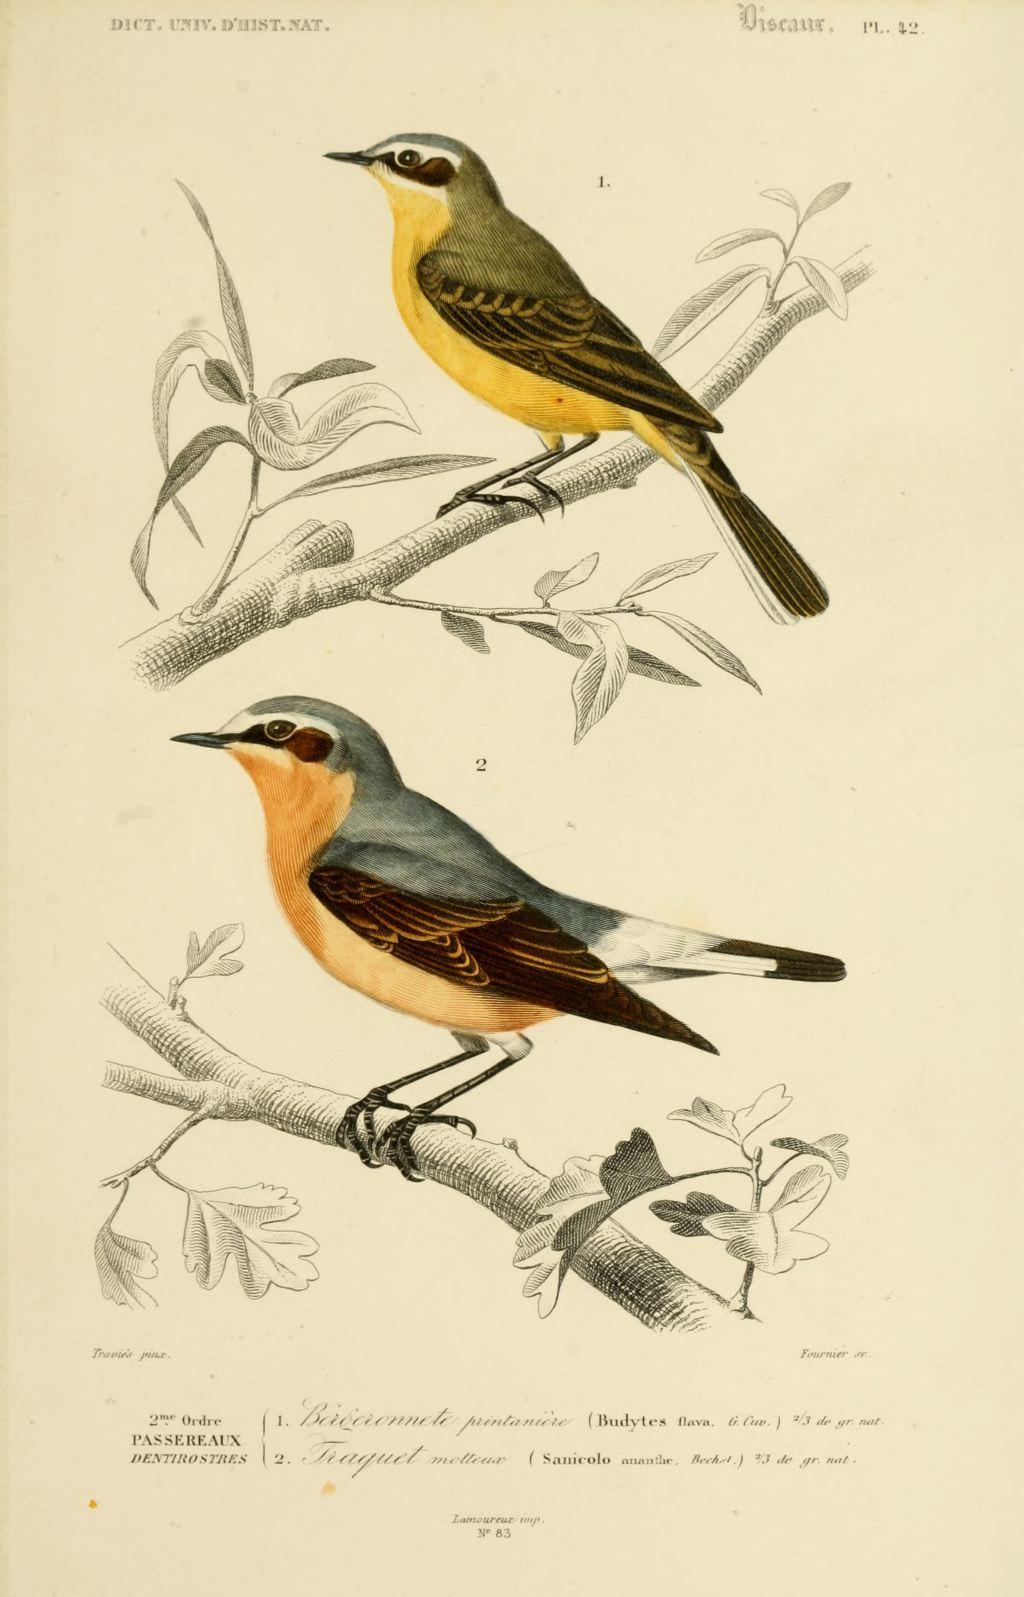 gravures couleur d 39 oiseaux gravure oiseau 0195 bergeronnete printaniere budytes flava. Black Bedroom Furniture Sets. Home Design Ideas